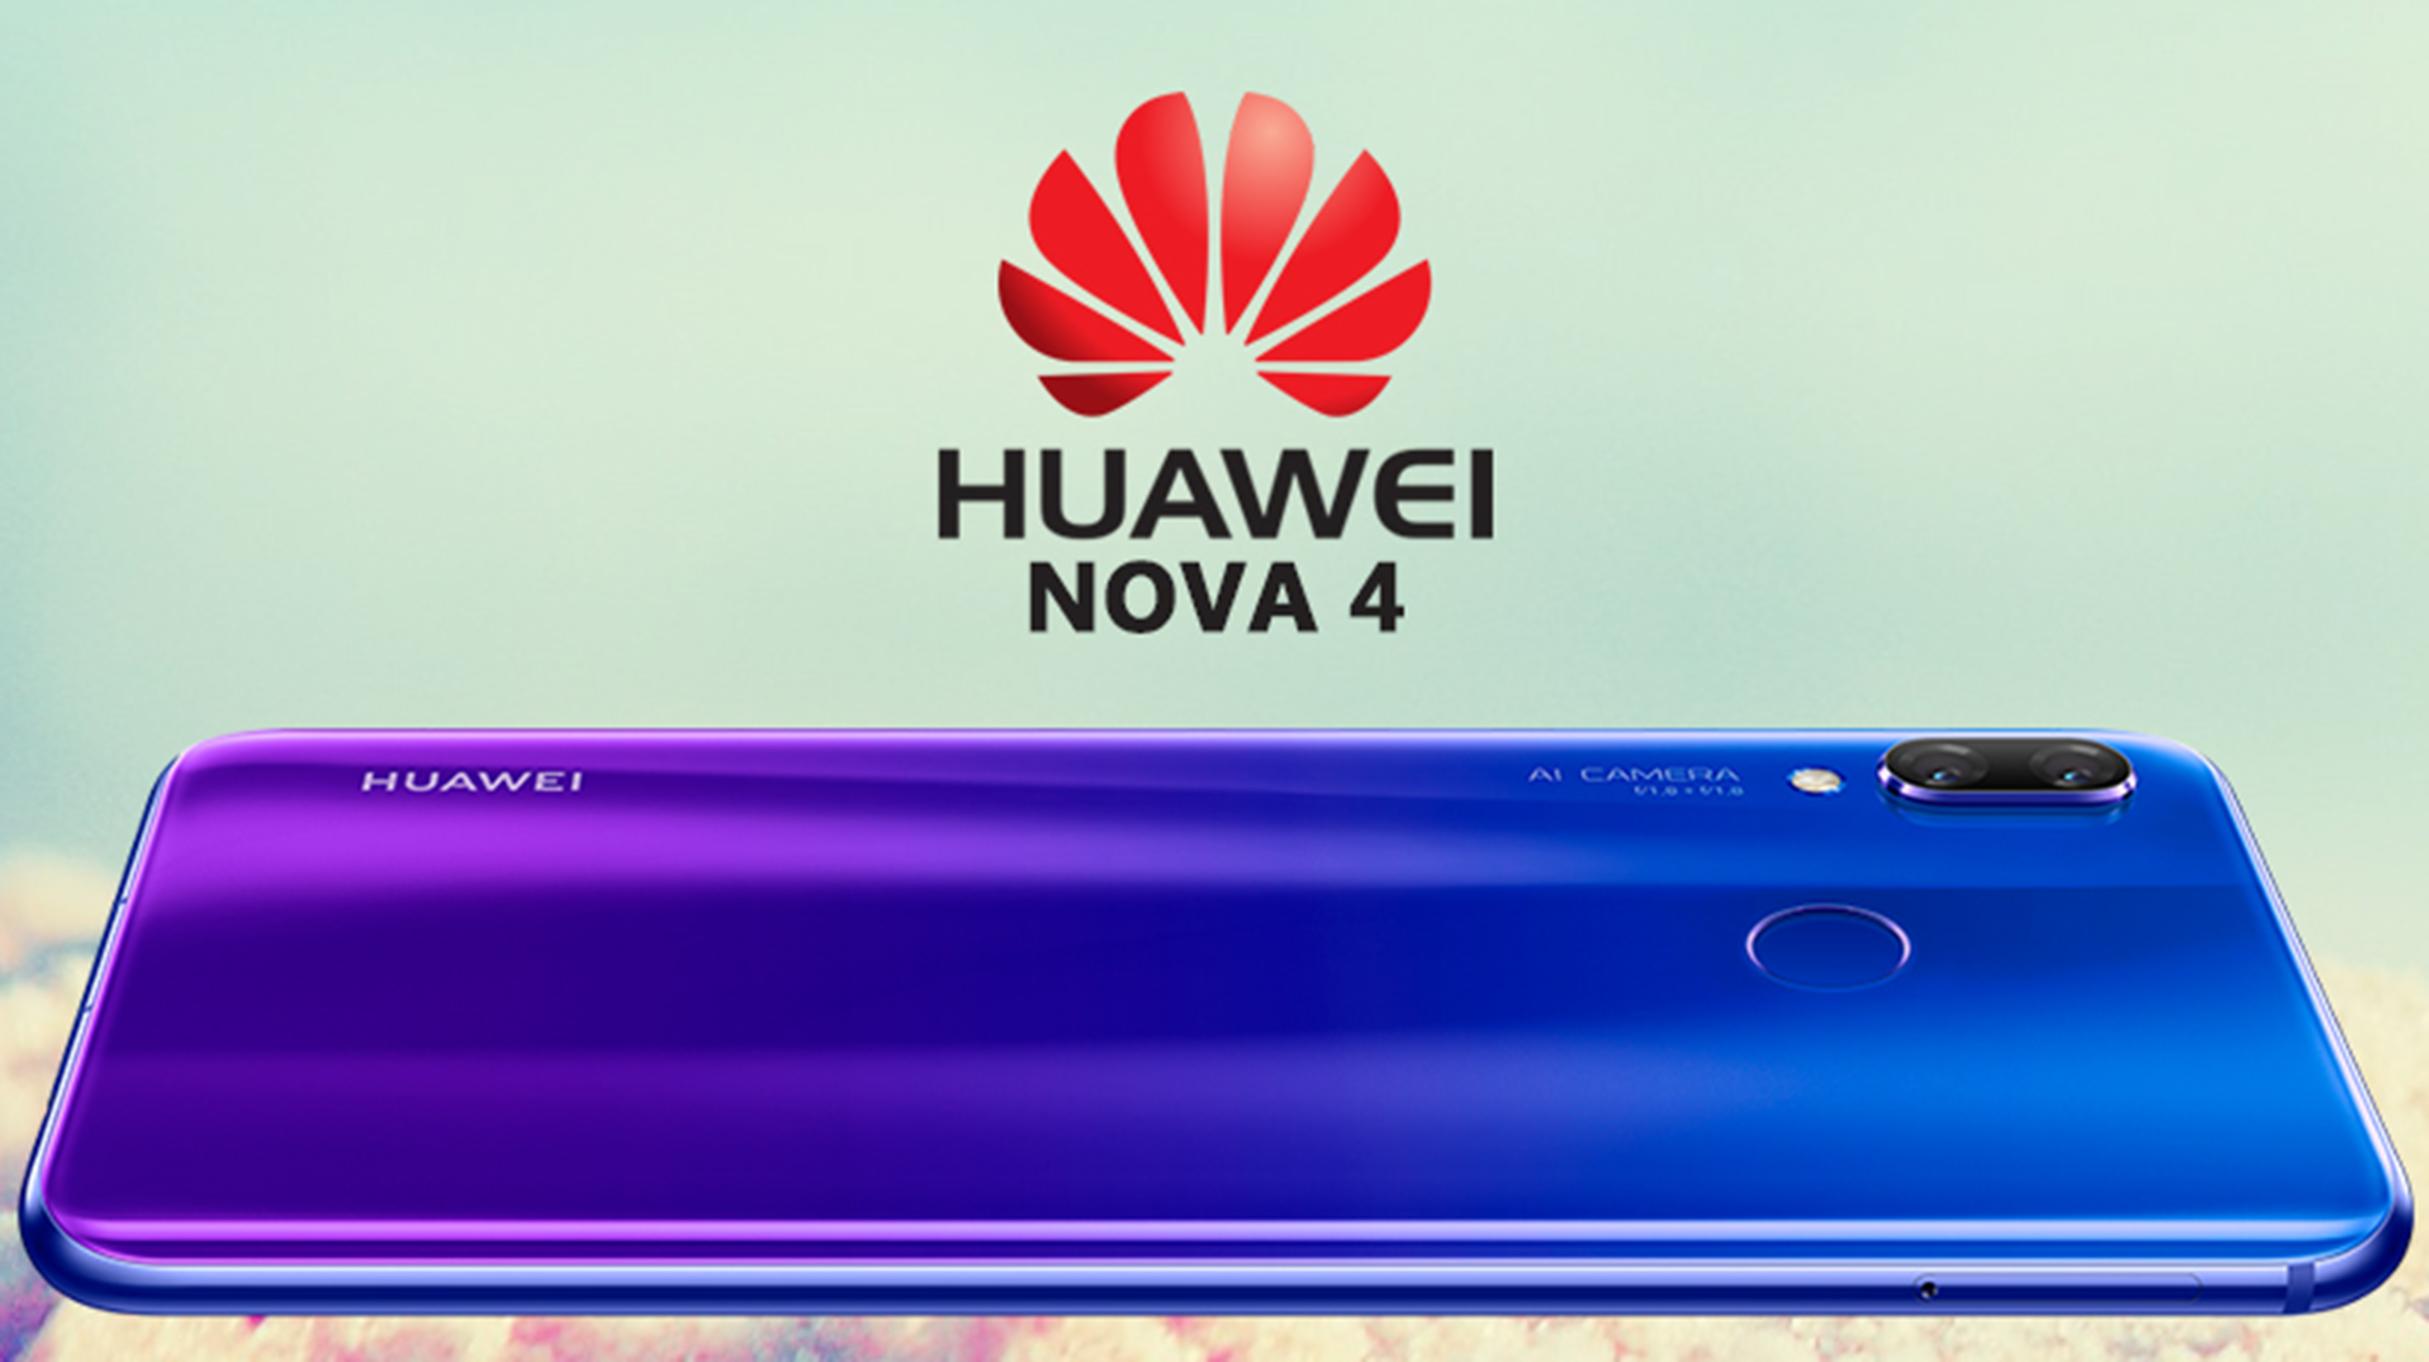 ເປີດຕົວເຄື່ອງແທ້ຂອງ Huawei Nova 4 ສະມາດໂຟນເຈາະຮູກ້ອງ ແບບເຕັມຕາເຕັມໃຈຫຼາຍ!!